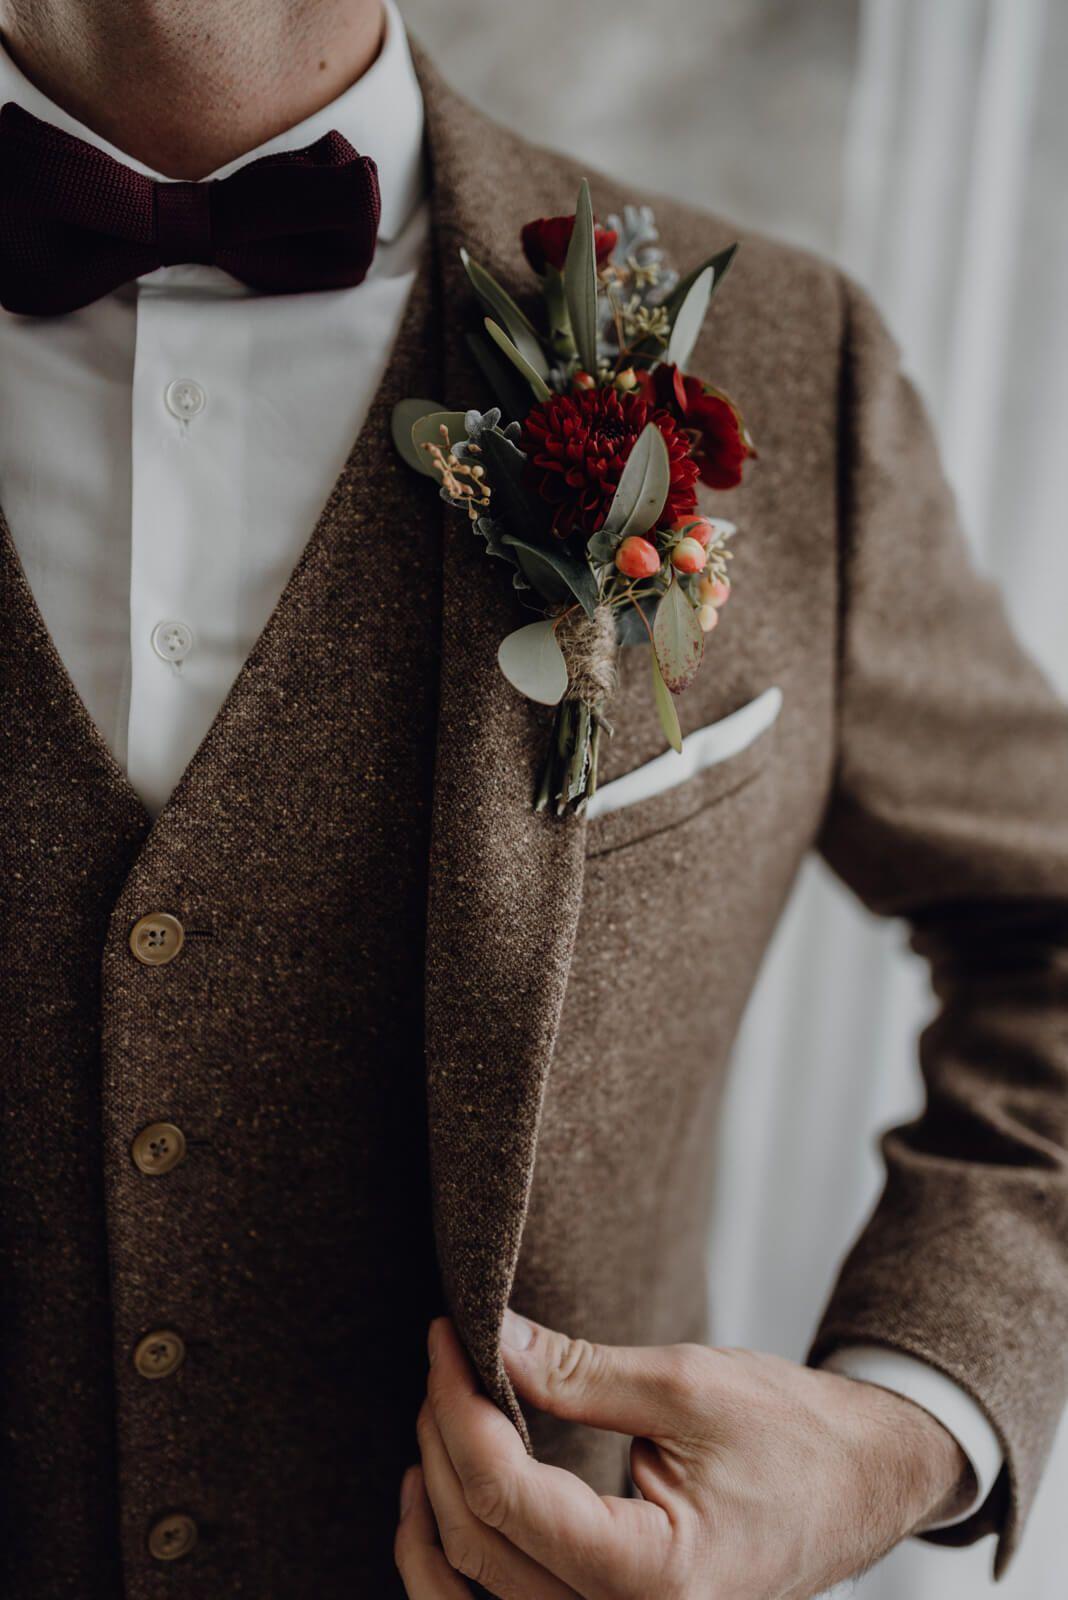 Traumhochzeit Vintage Hochzeitsanzug aus Wolle mit tollem Blumenschmuck  emprendimiento